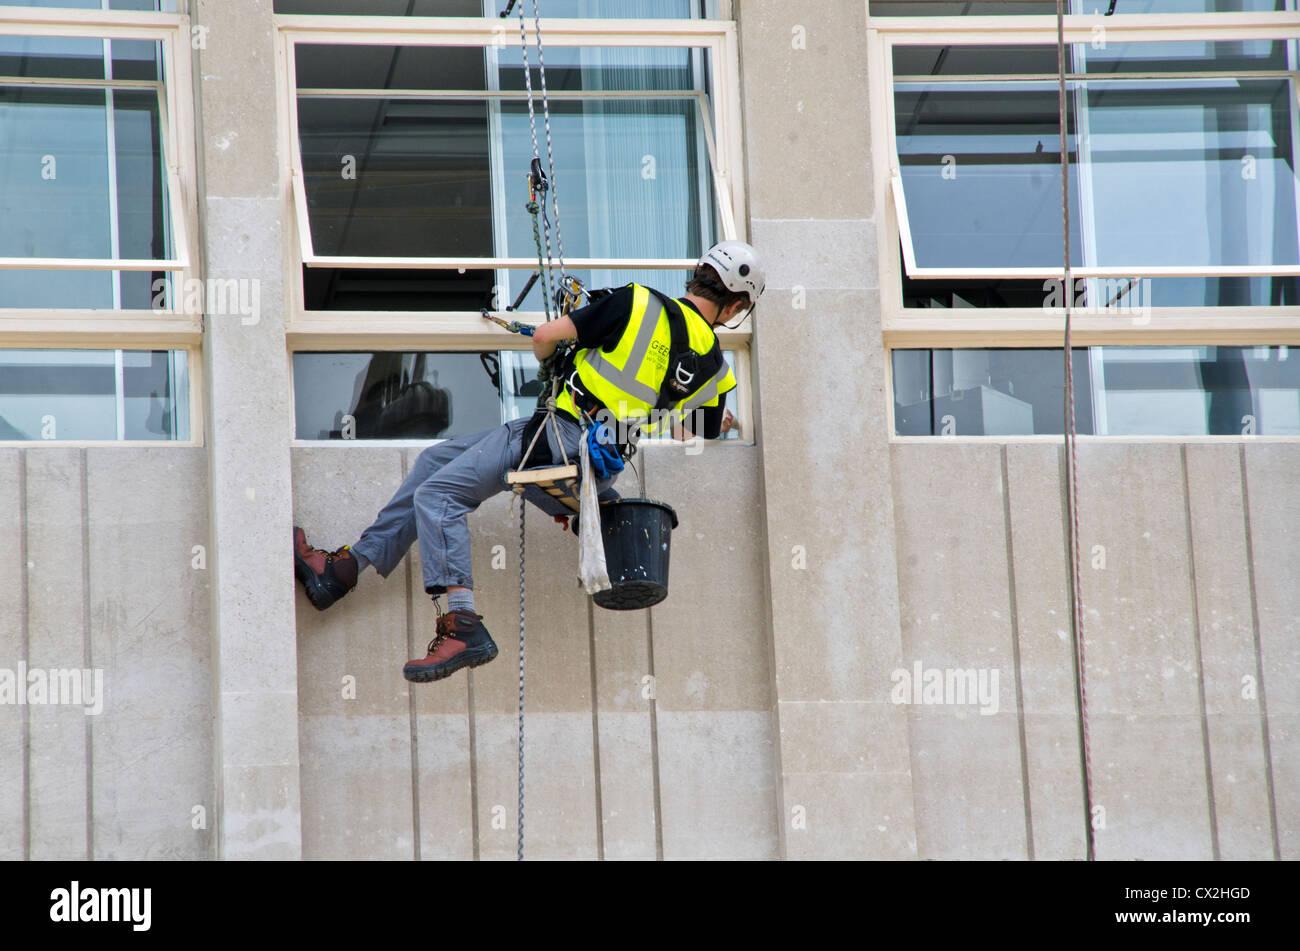 Un operaio appeso alla parete la riparazione della parete di edifici Immagini Stock